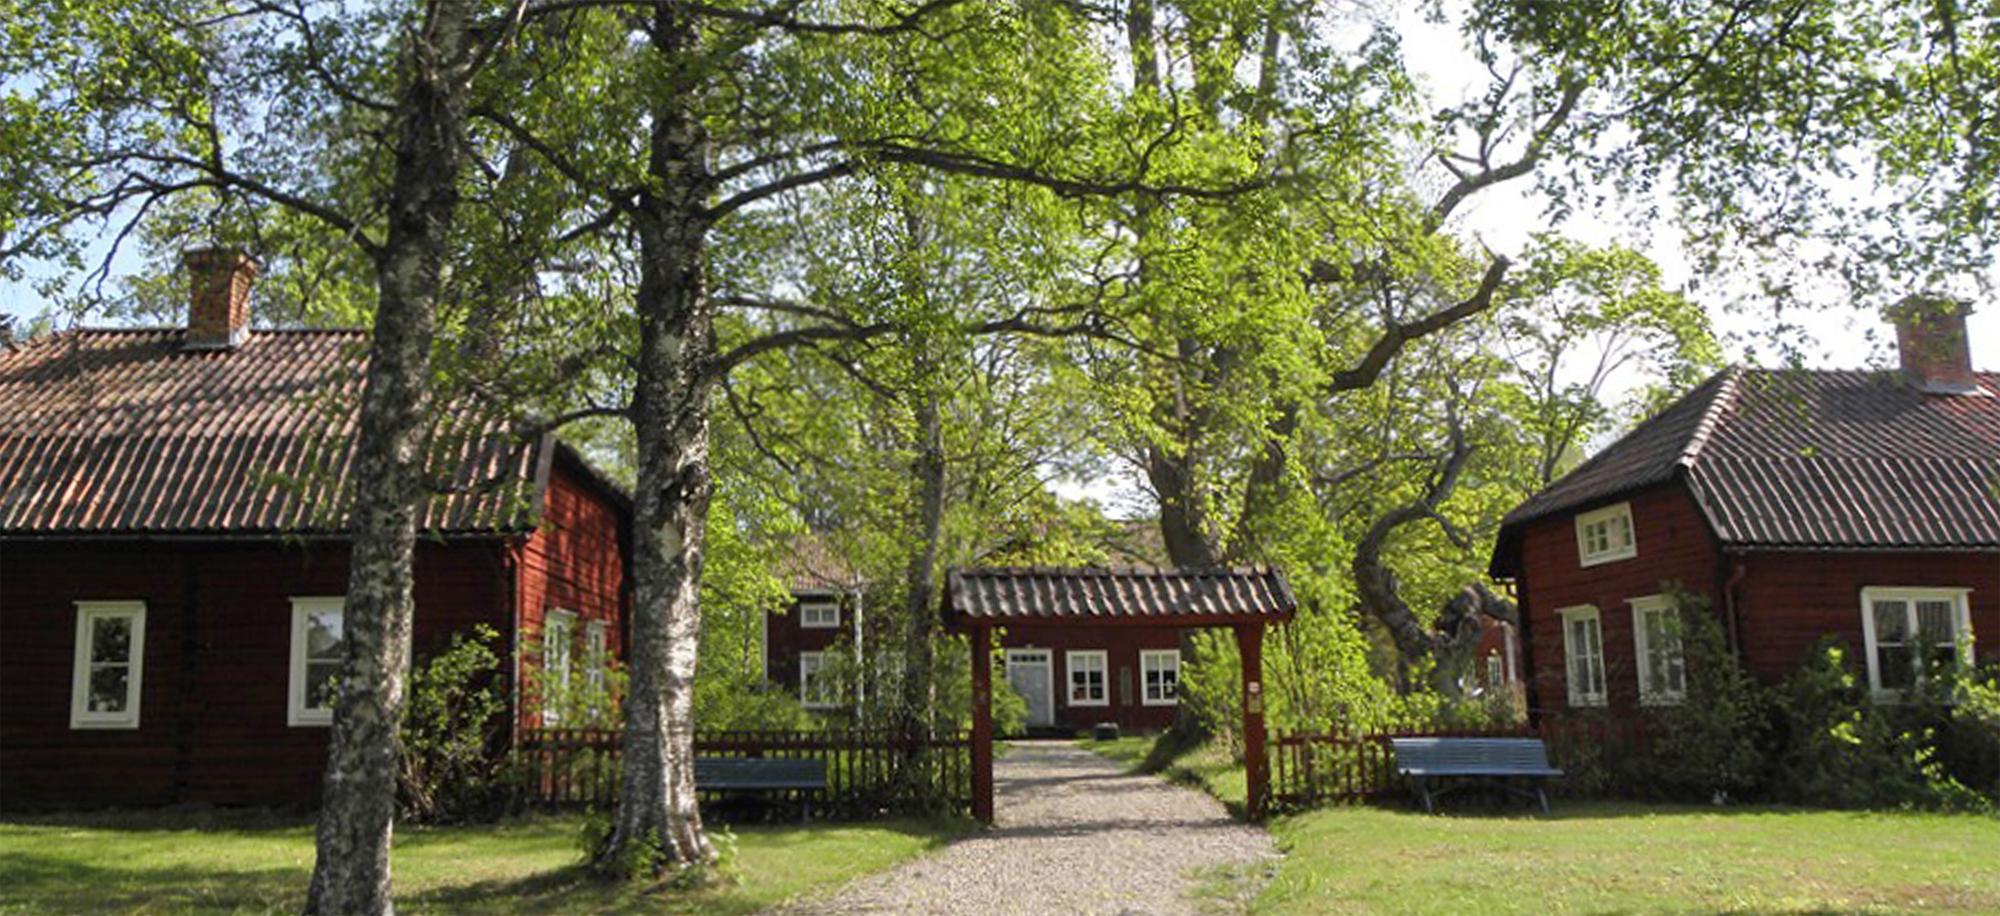 Ranbogården